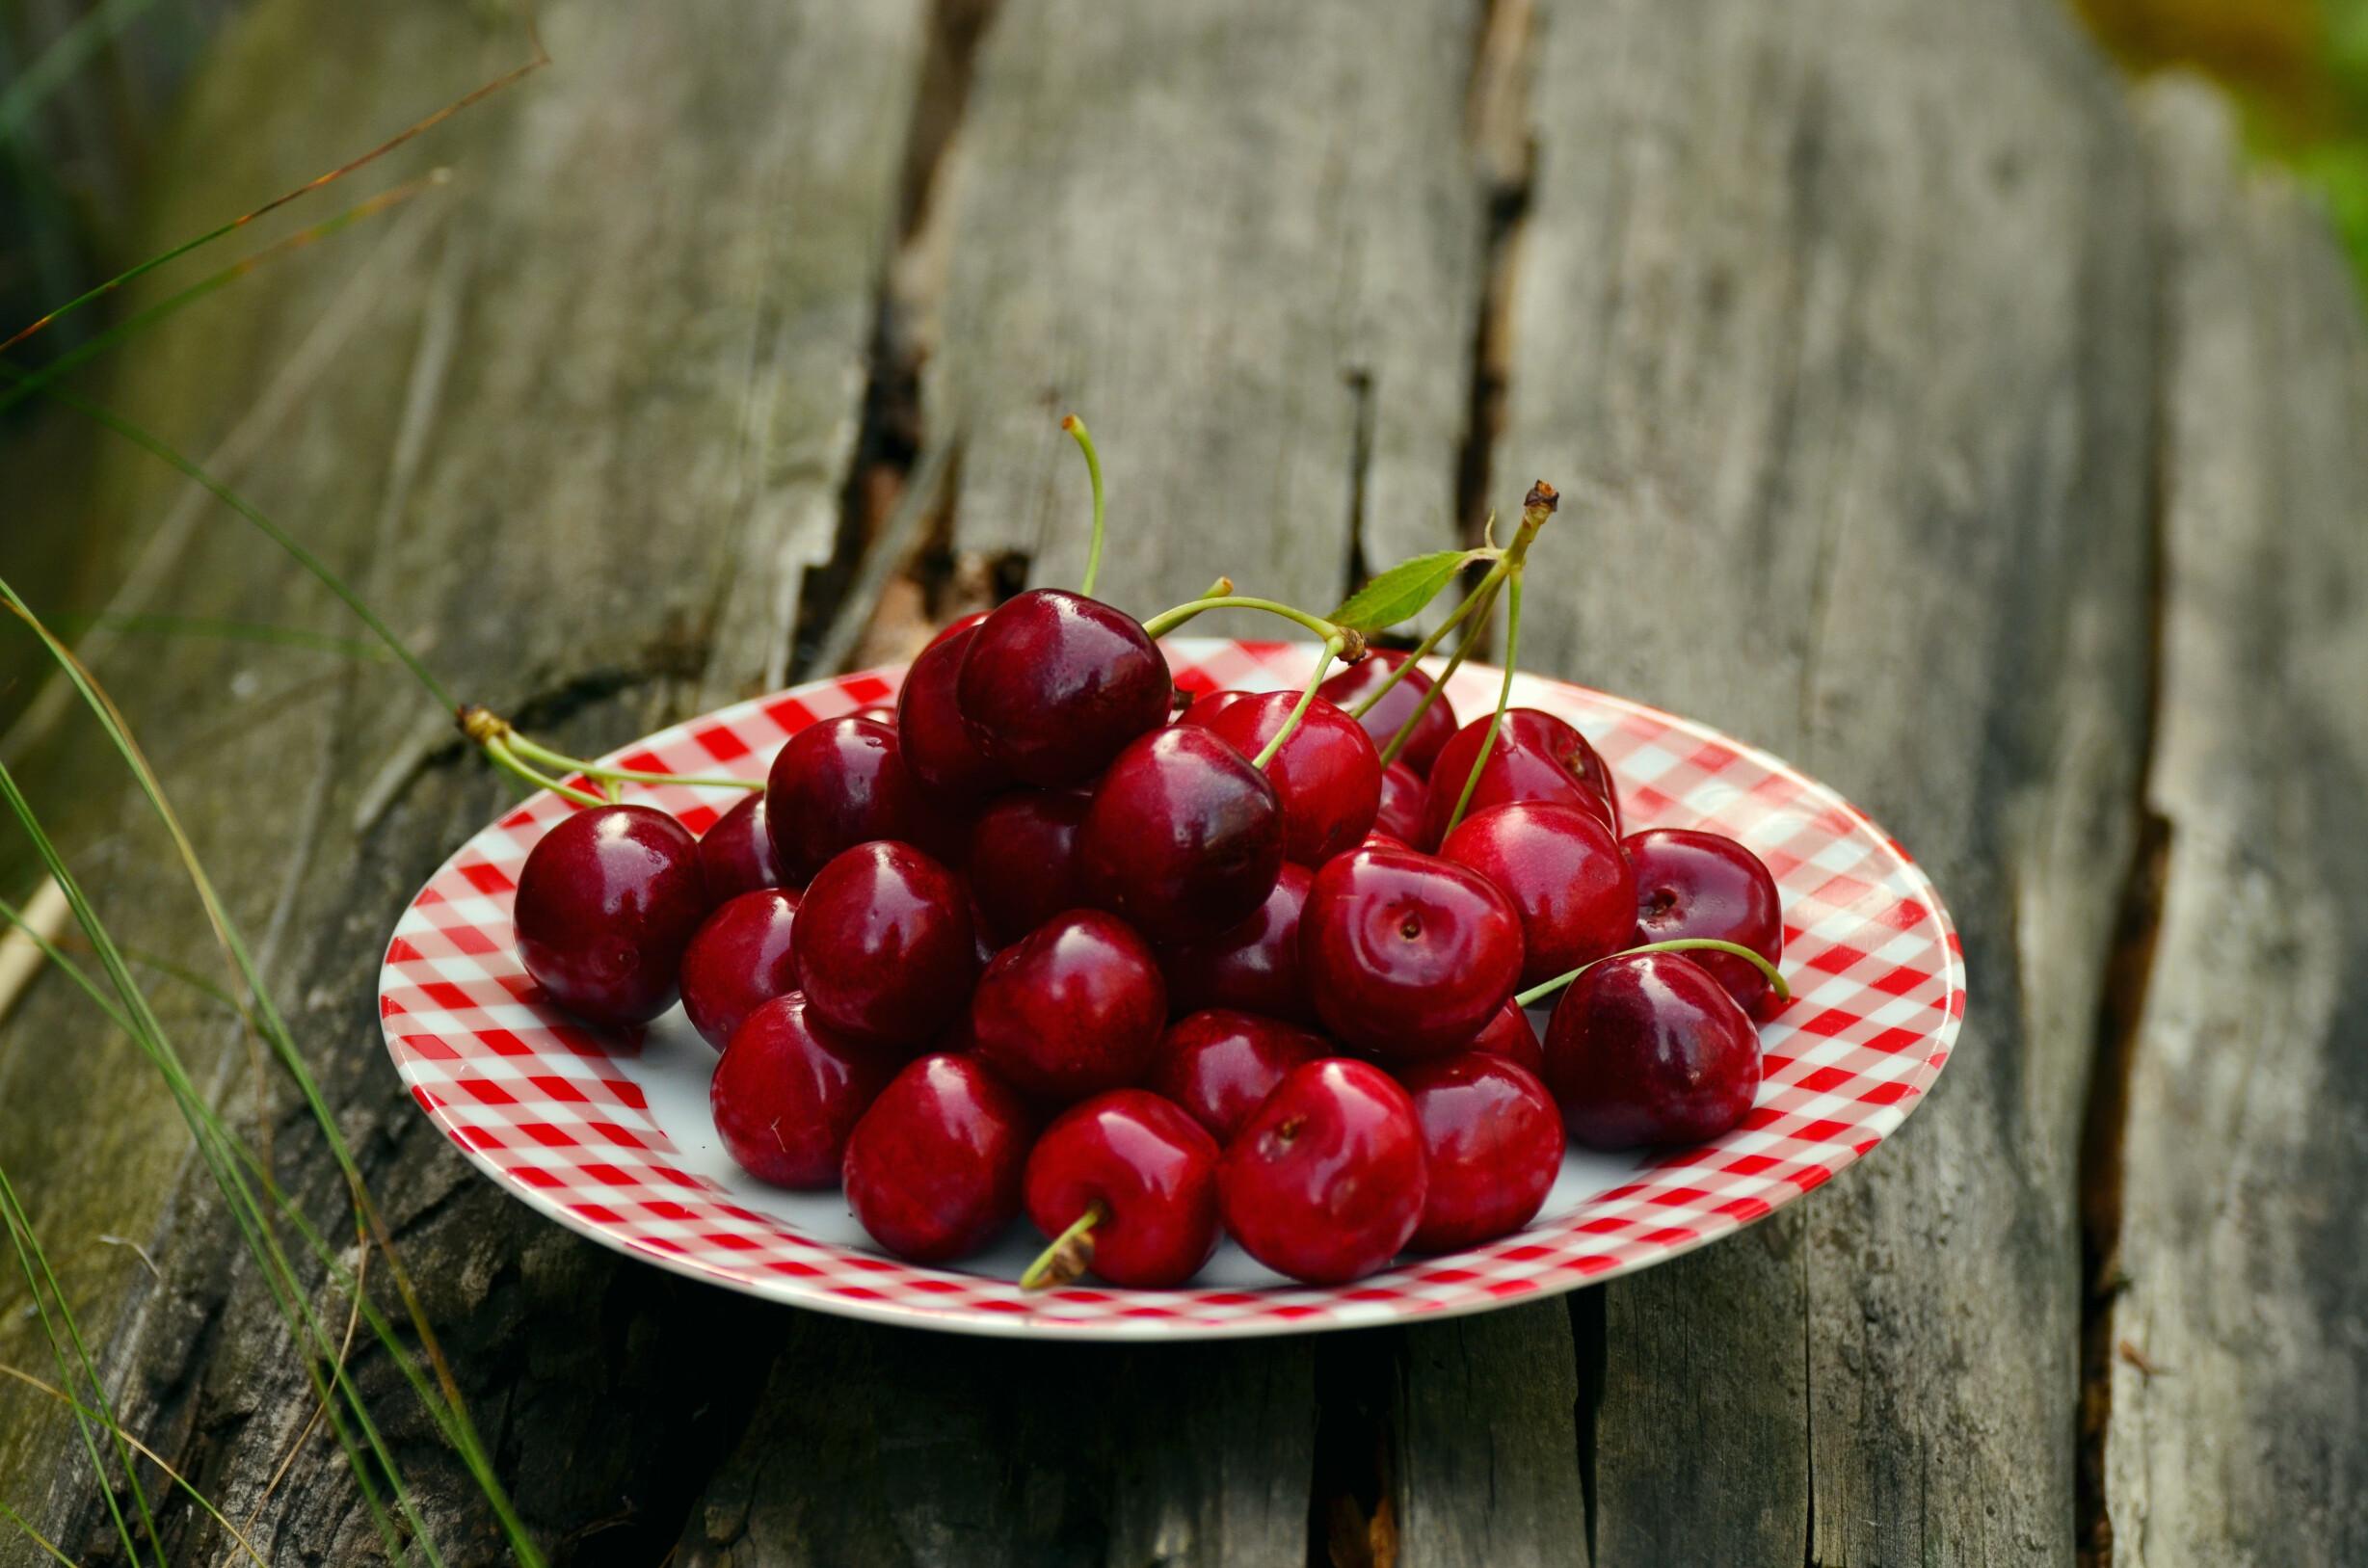 cereja-tudo-o-que-precisas-de-saber-sobre-frutos-vermelhos